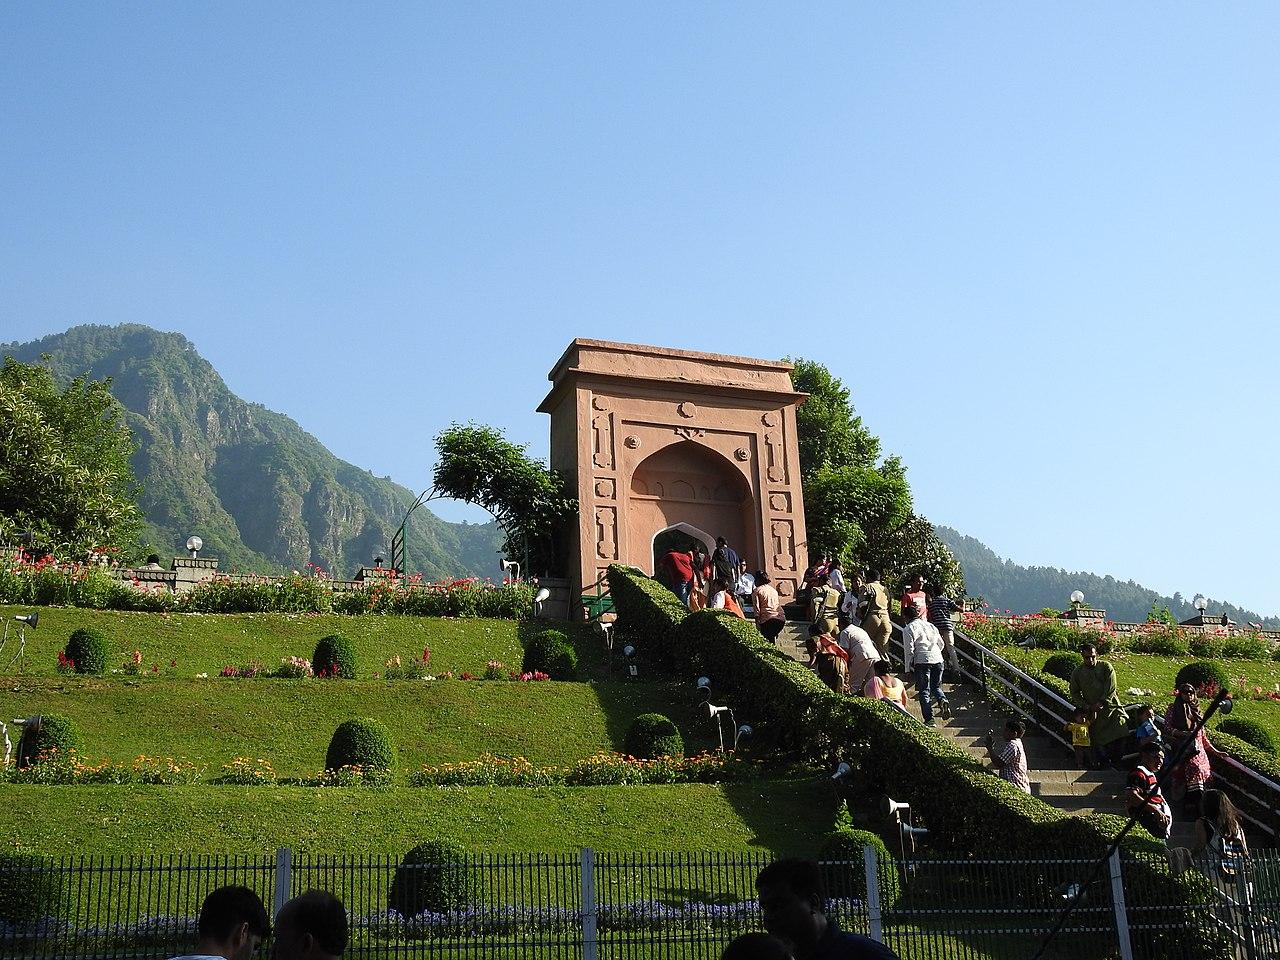 Chashme Shahi Garden Srinagar